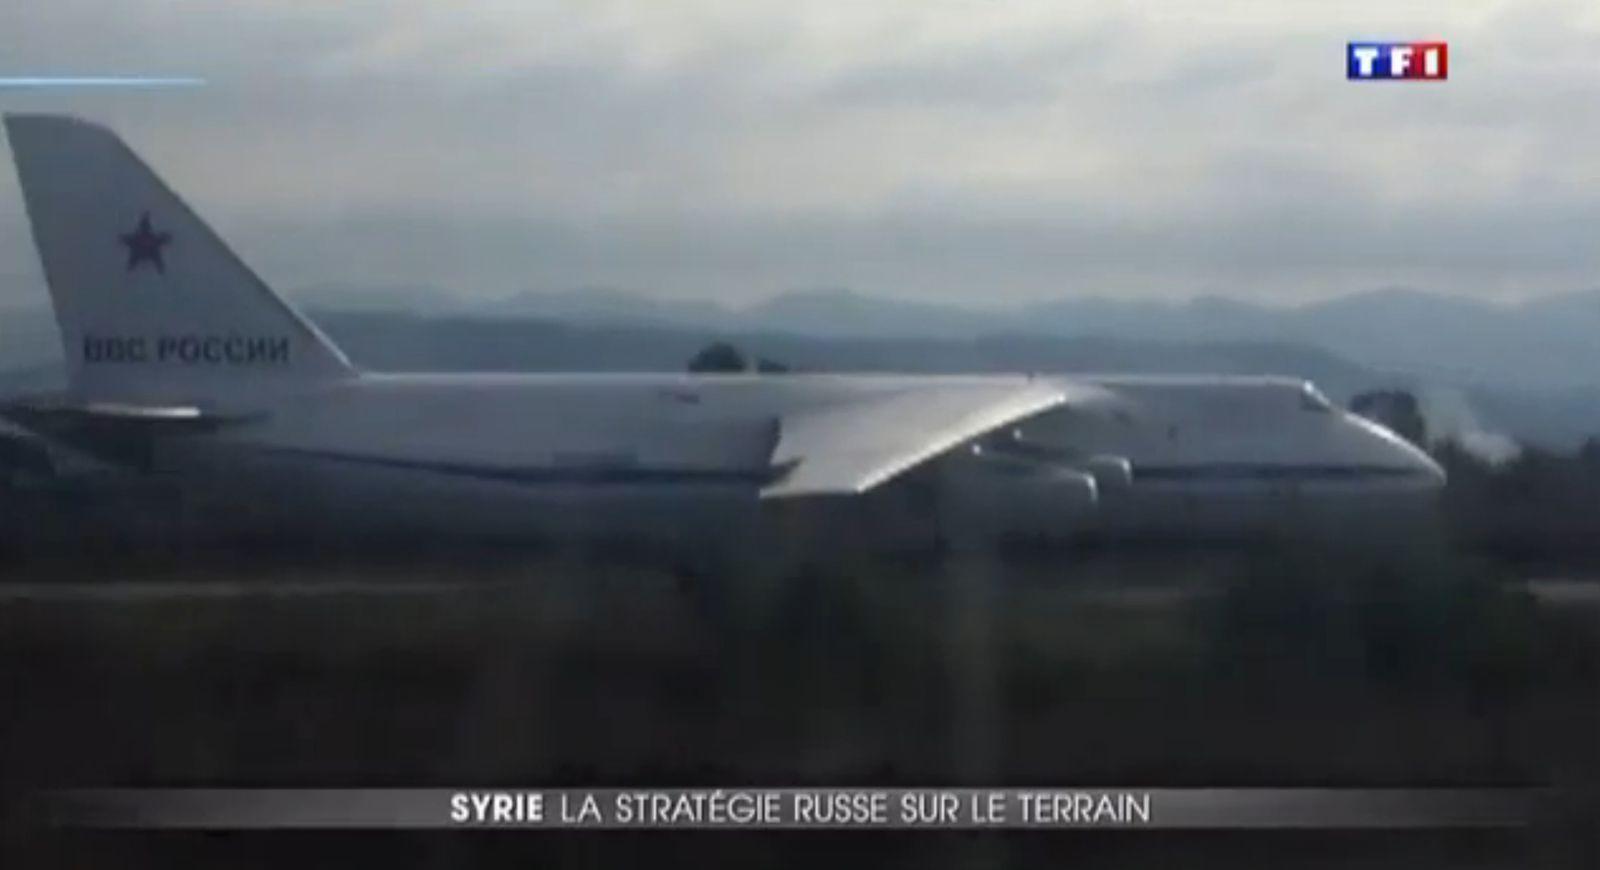 NUR ASL ZITAT Screenshot Russisches Militär/ Syrien/ TFi